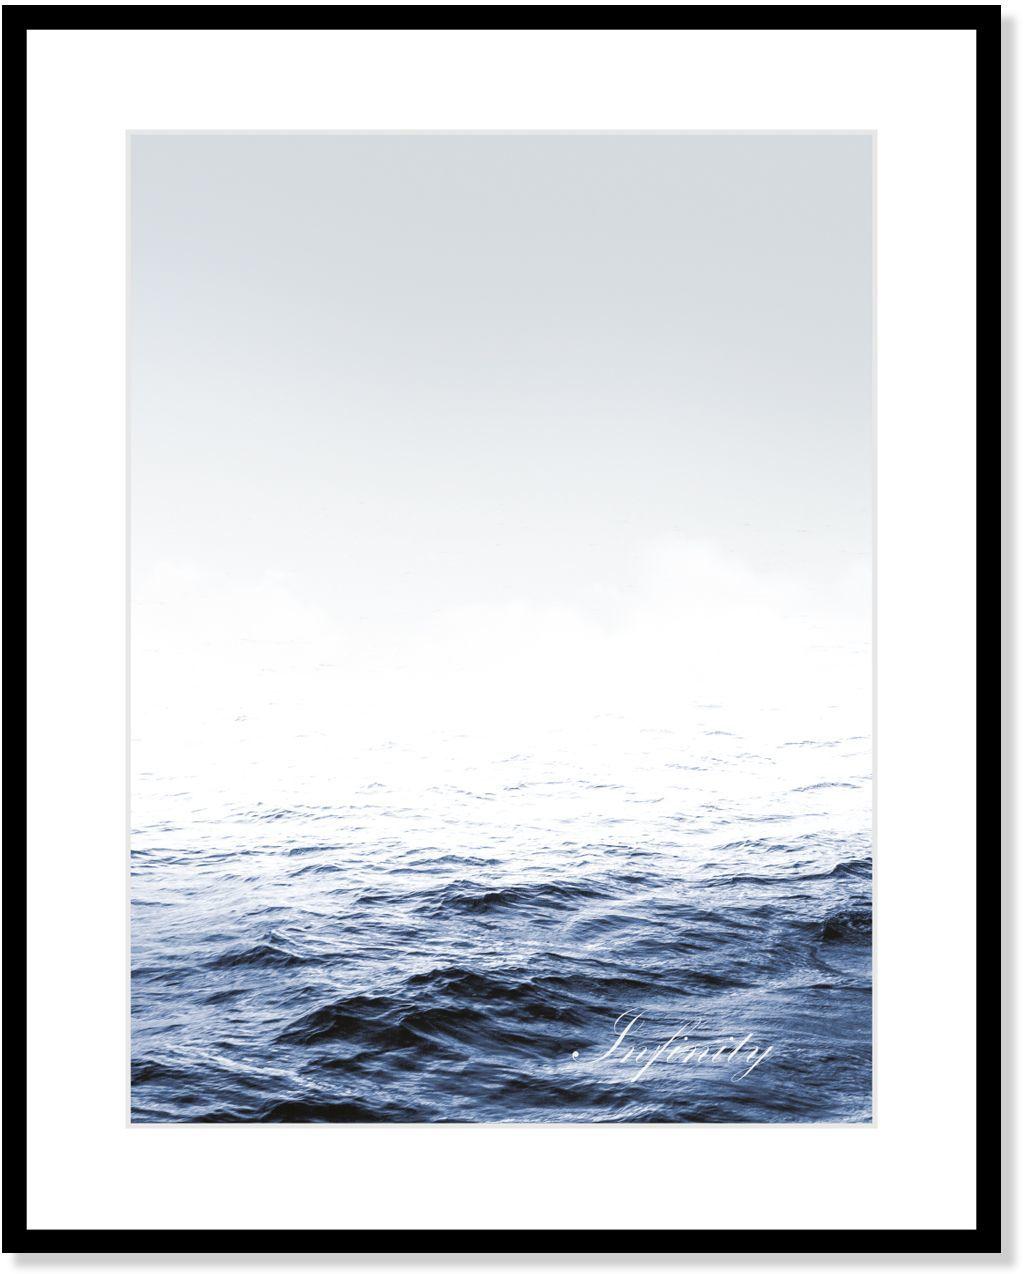 Obraz Infinity 40x50cm